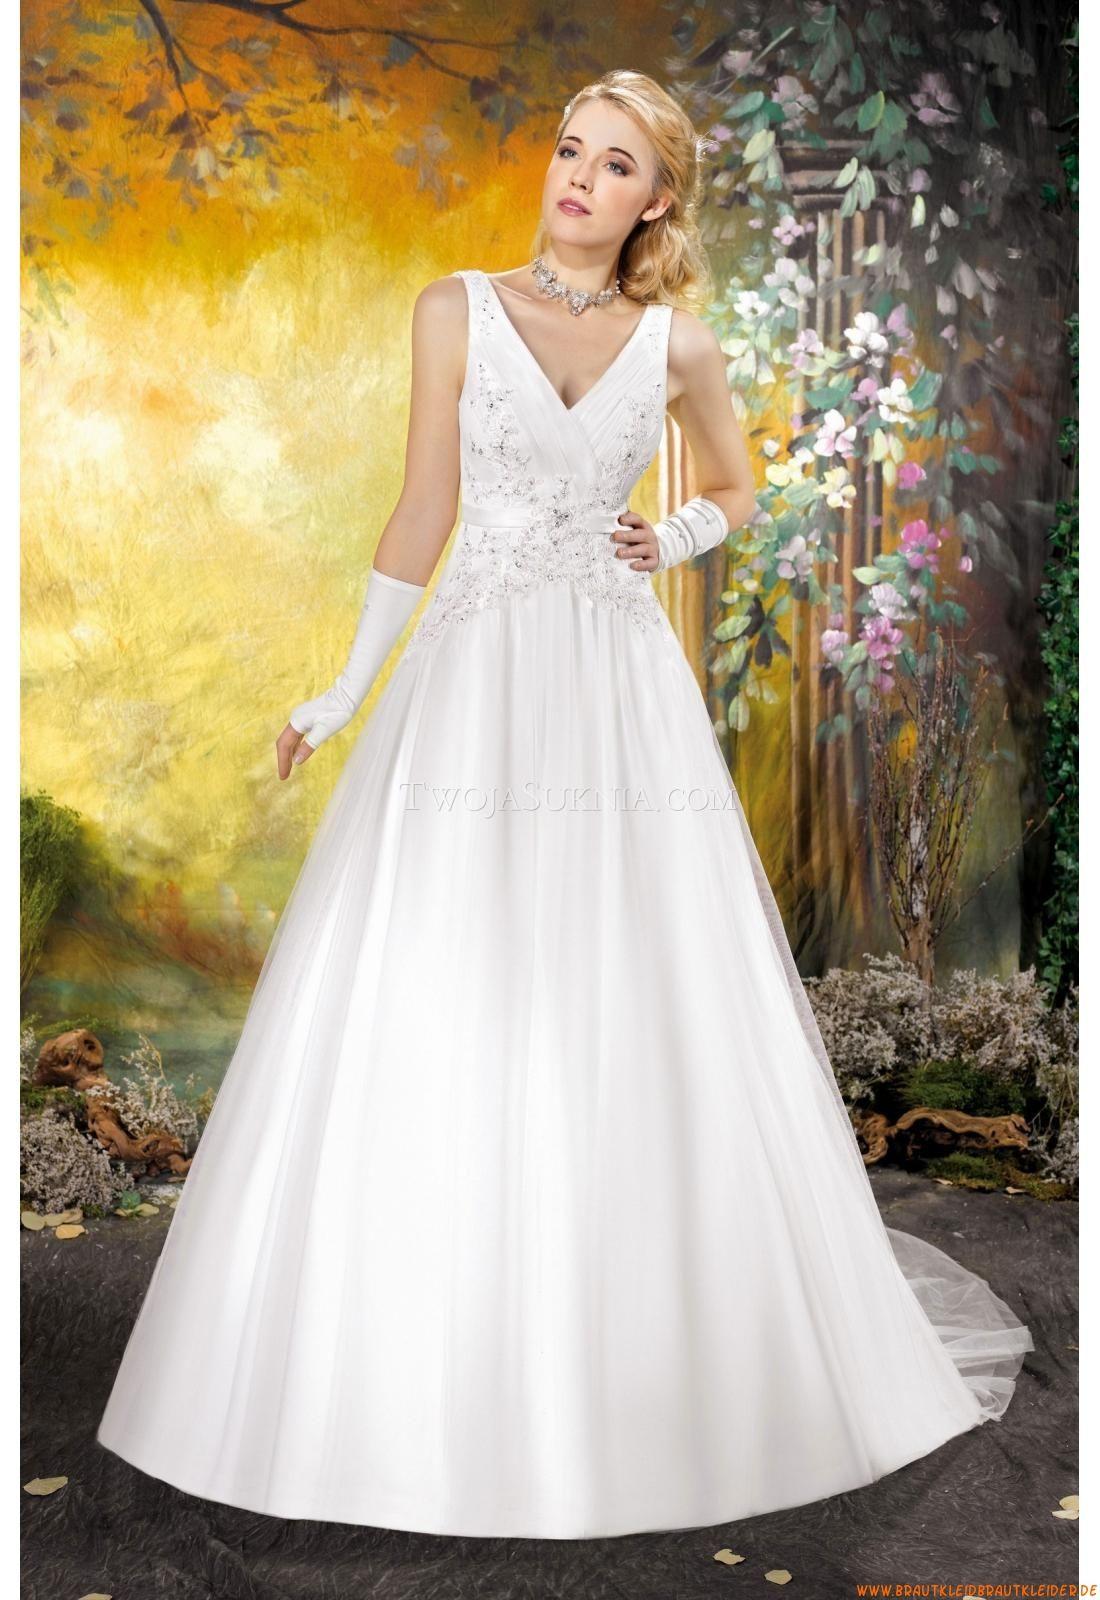 Günstiges Brautkleid